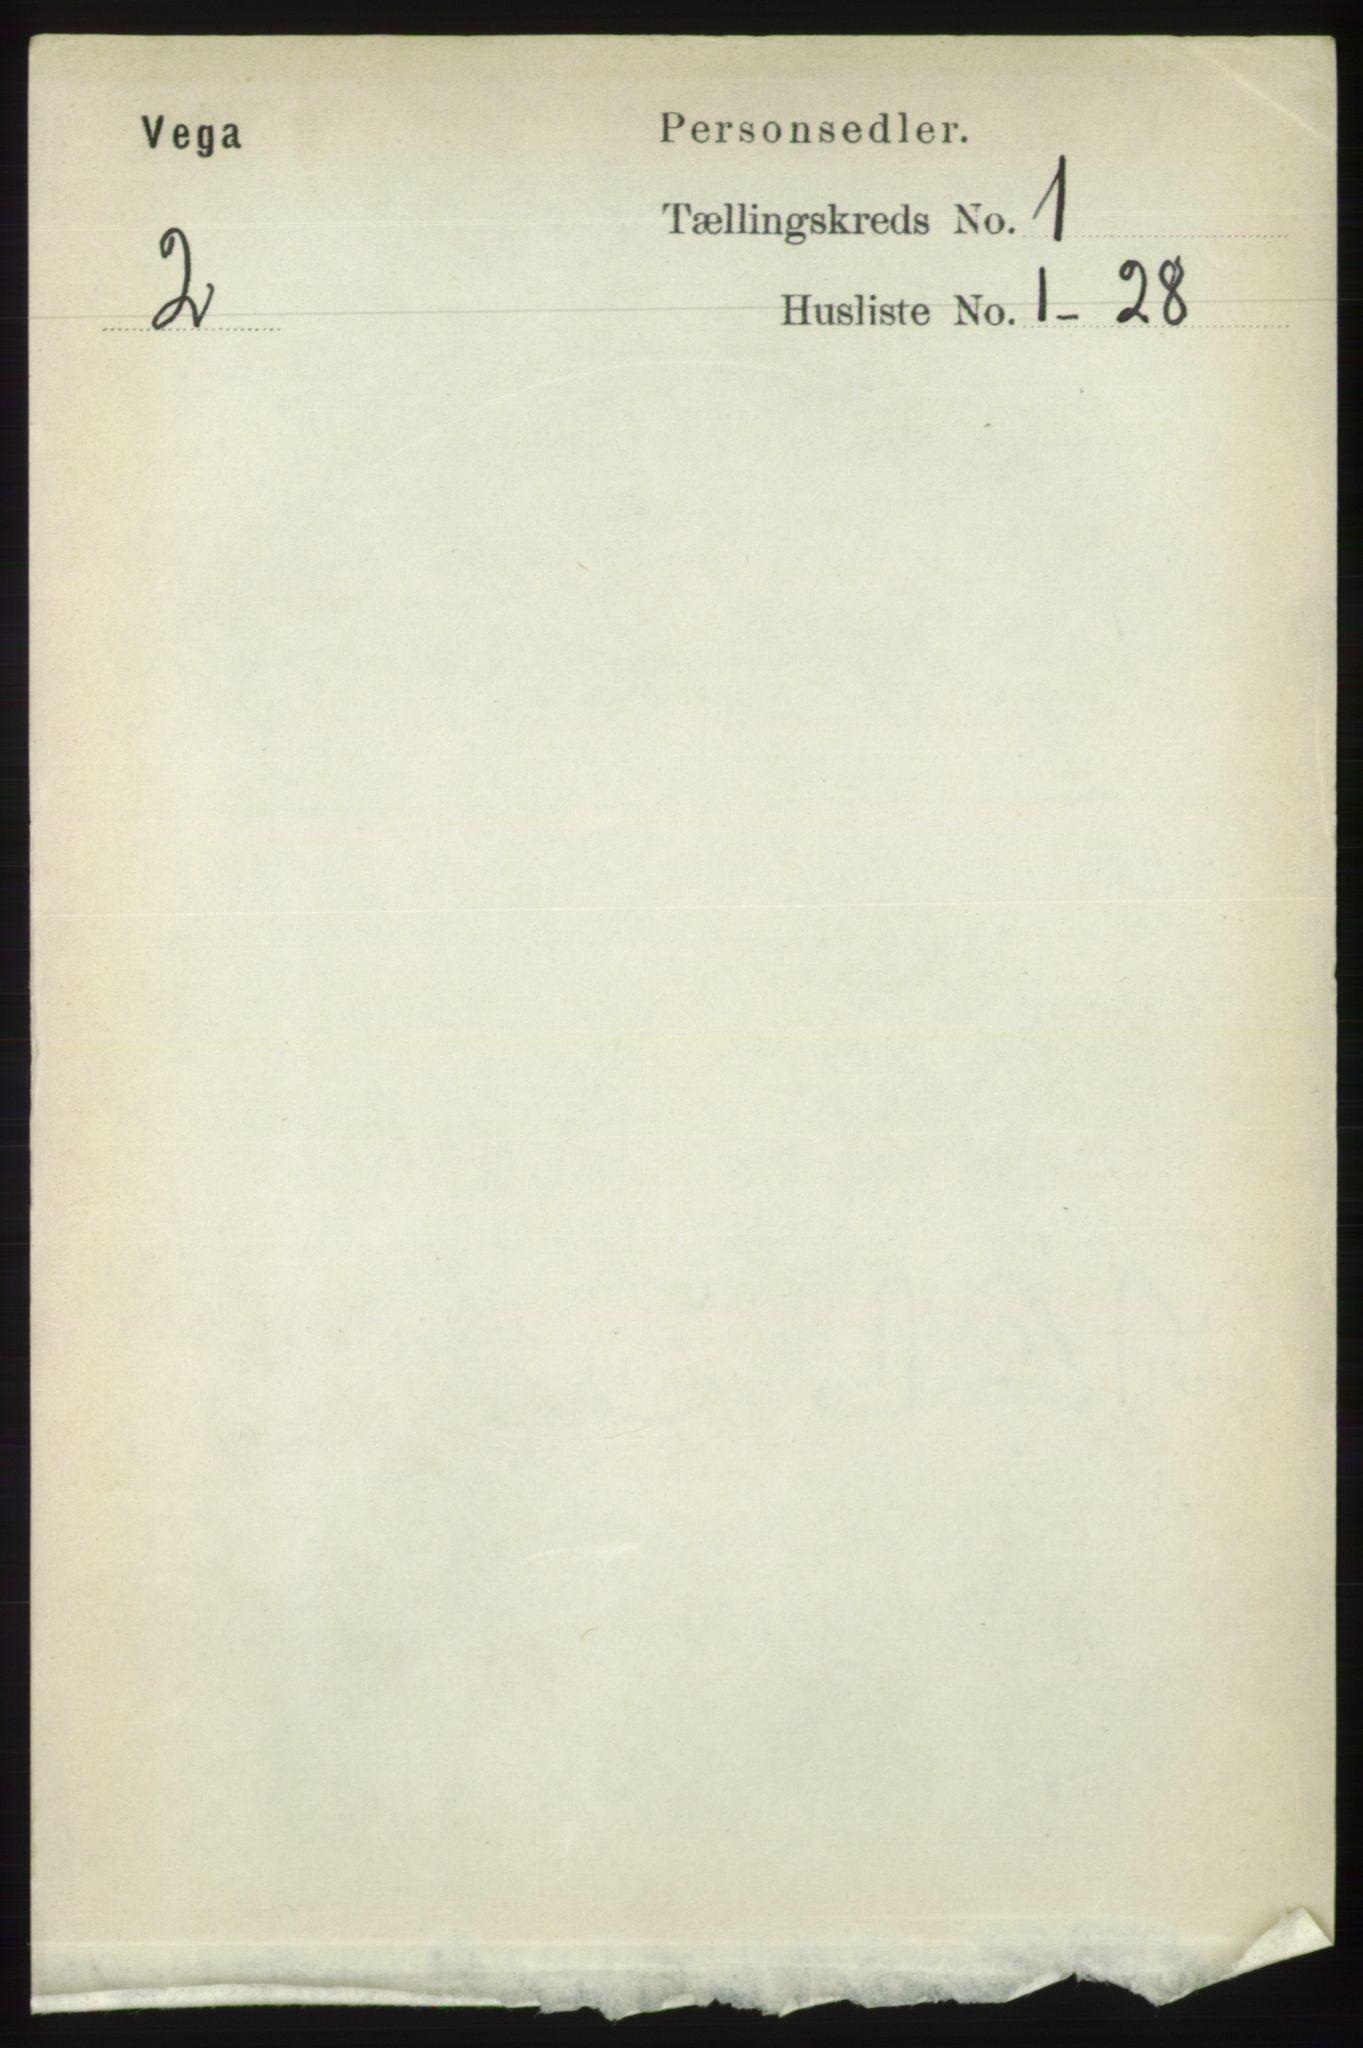 RA, Folketelling 1891 for 1815 Vega herred, 1891, s. 99